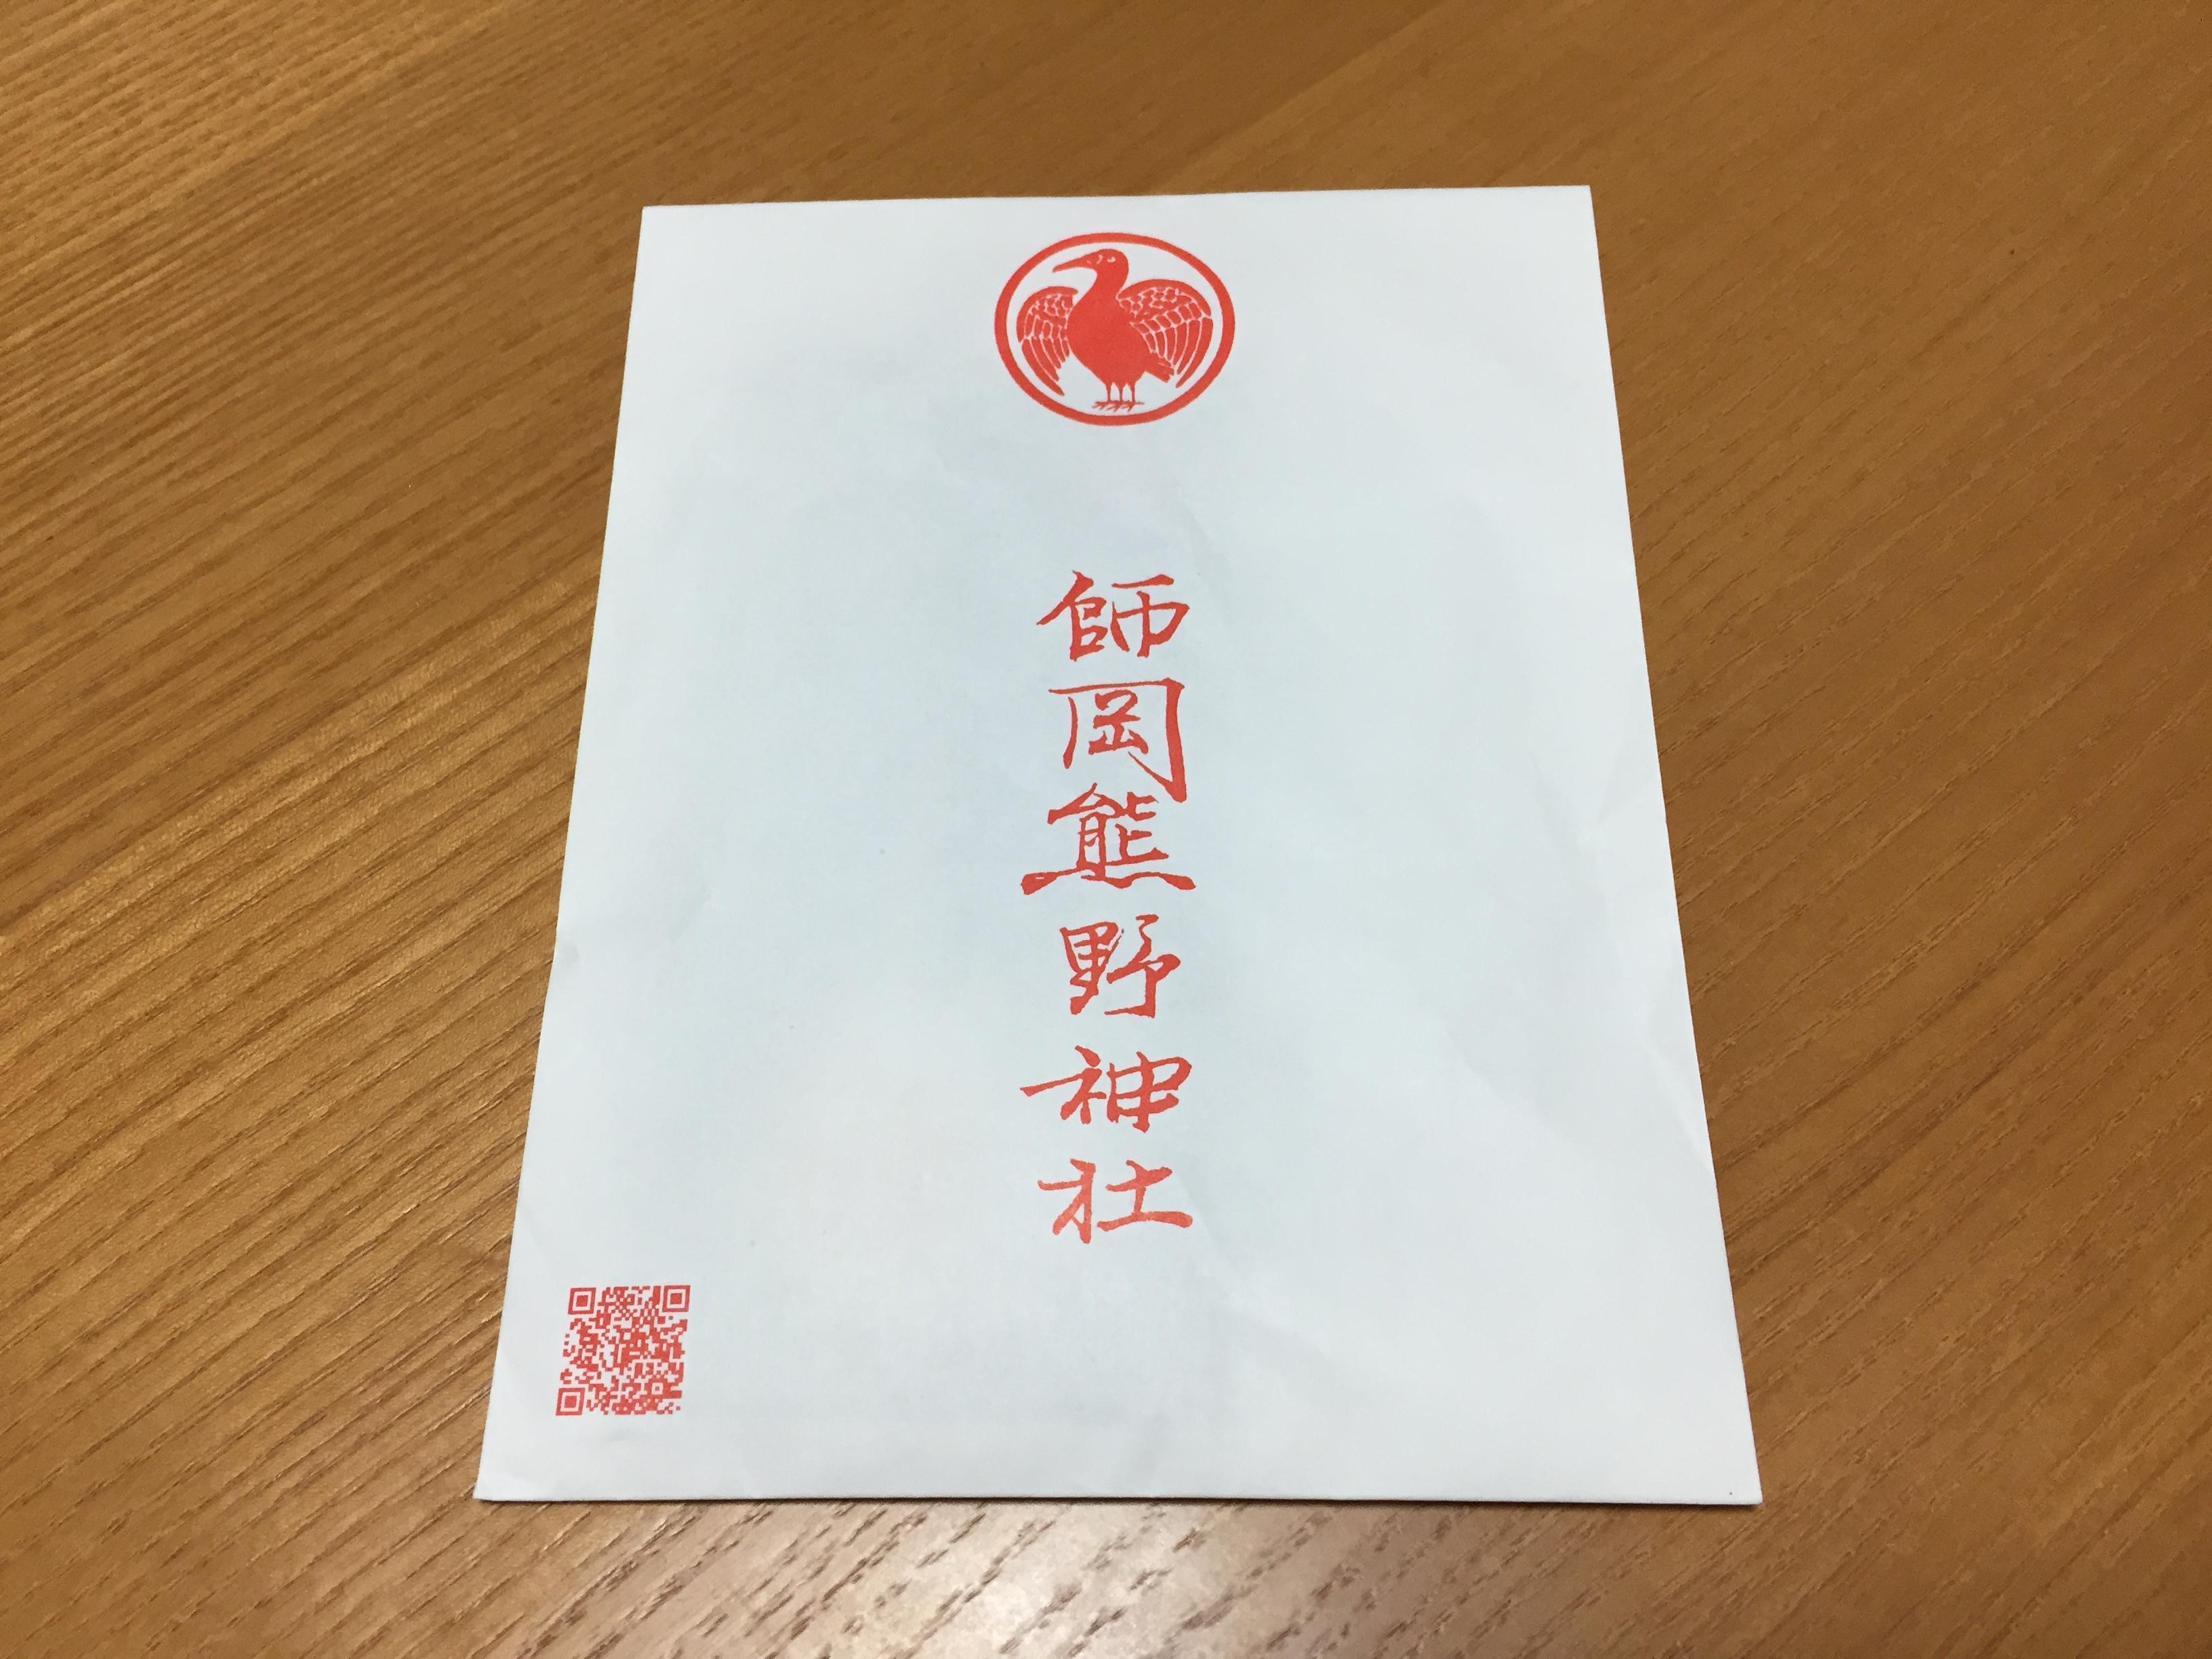 師岡熊野神社 八咫烏 ヤタガラス サッカー のの池 パワースポット お守りの種類 駐車場 初詣